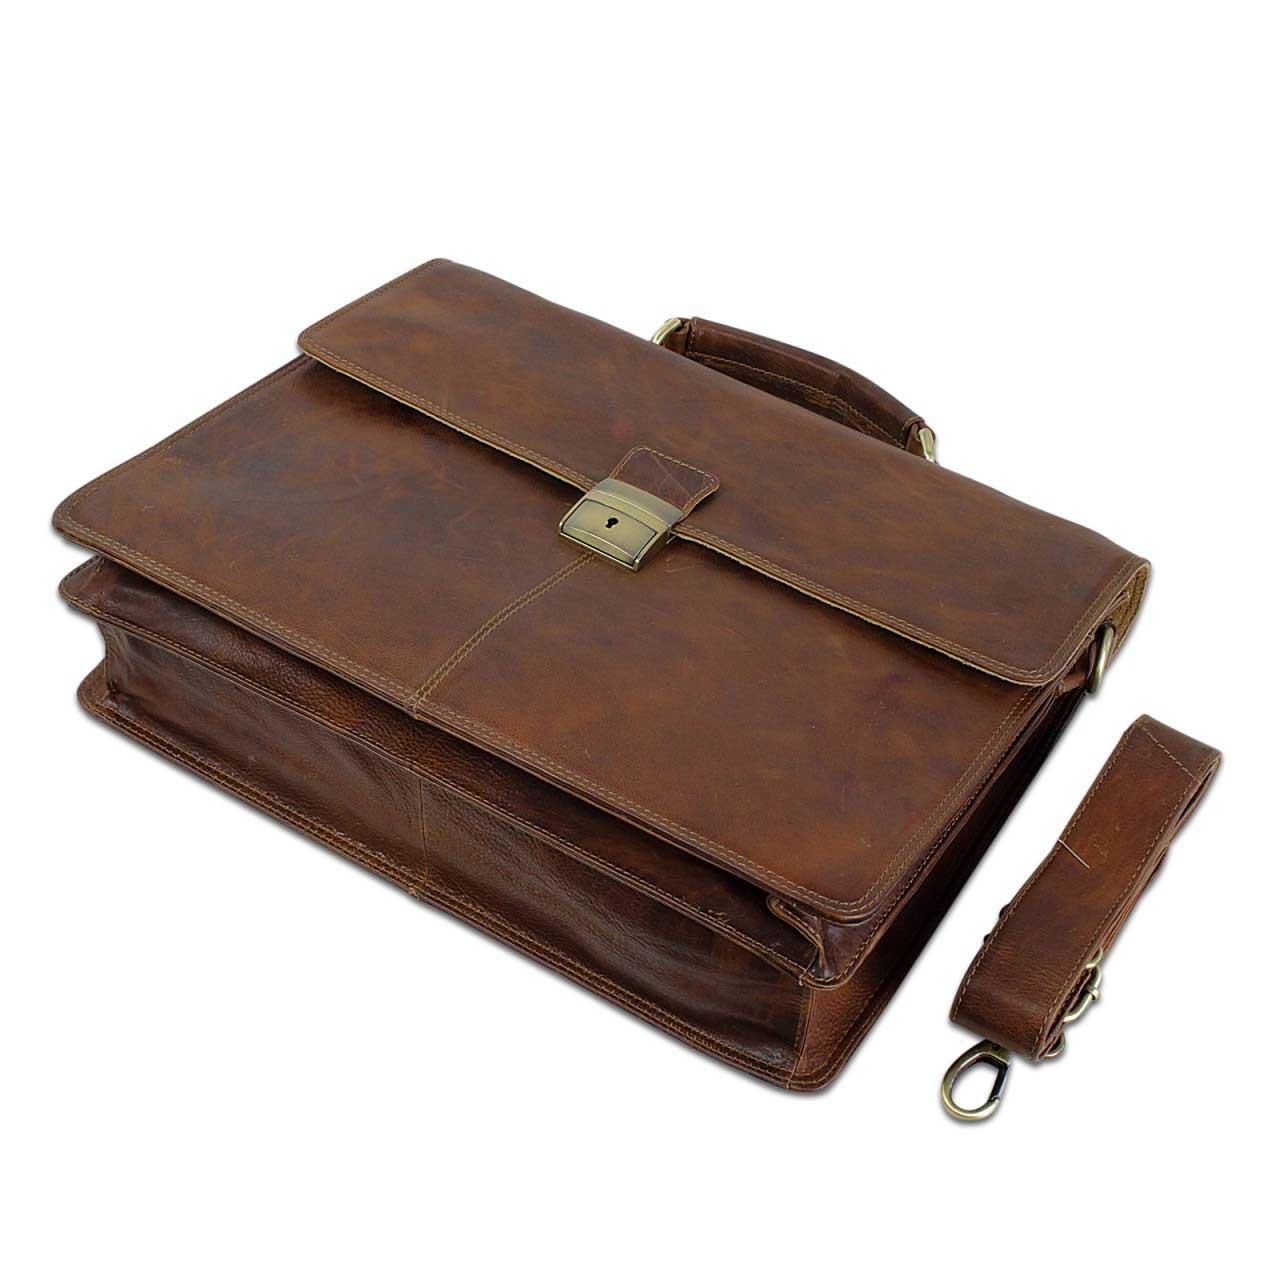 B-WARE Vintage Aktentasche Herren Büro Business Schultertasche Laptoptasche mit Schloss groß echtes Rinds-Leder braun - Bild 3